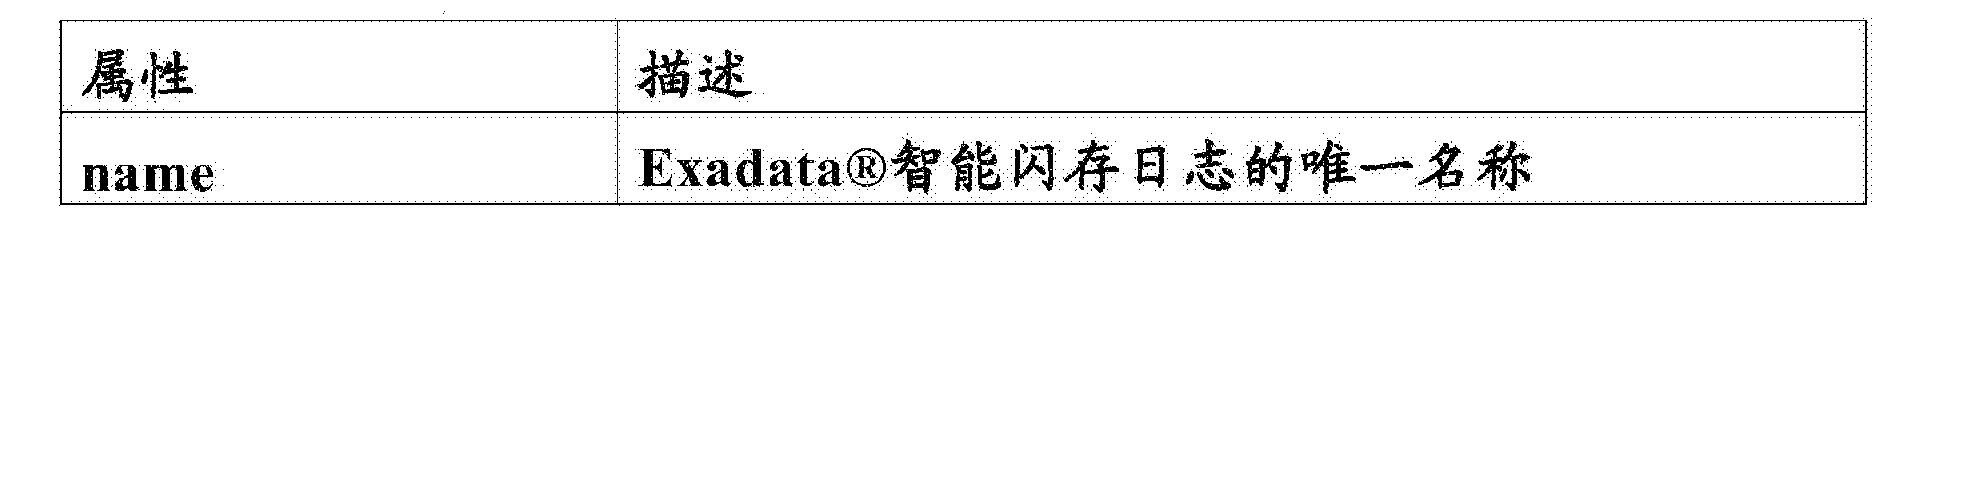 Figure CN103443773BD00221